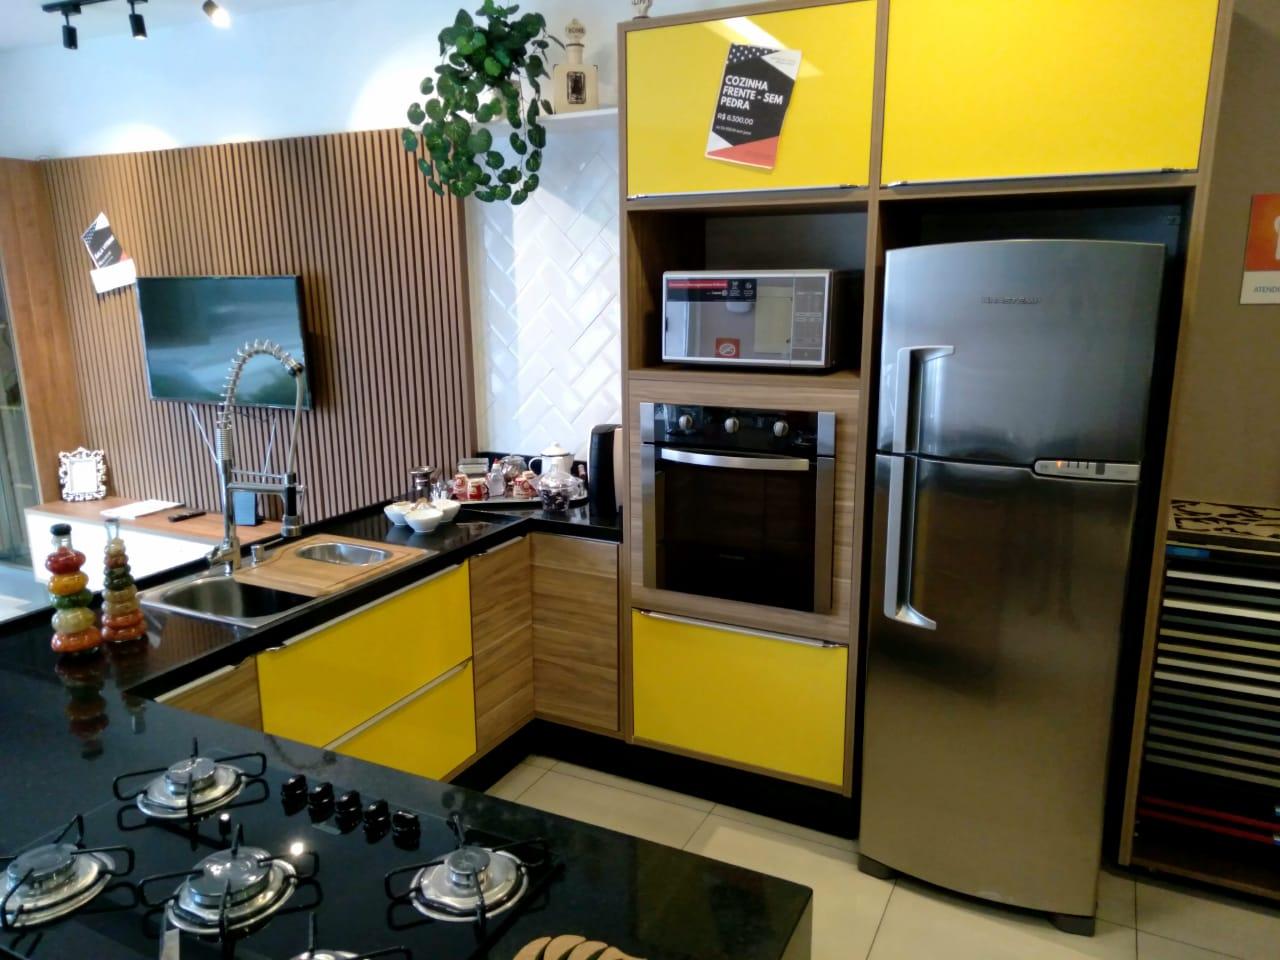 Cozinha Sem Pedra Sem Cooktop Sem Bica Sem Geladeira Sem Forno Sem Microondas